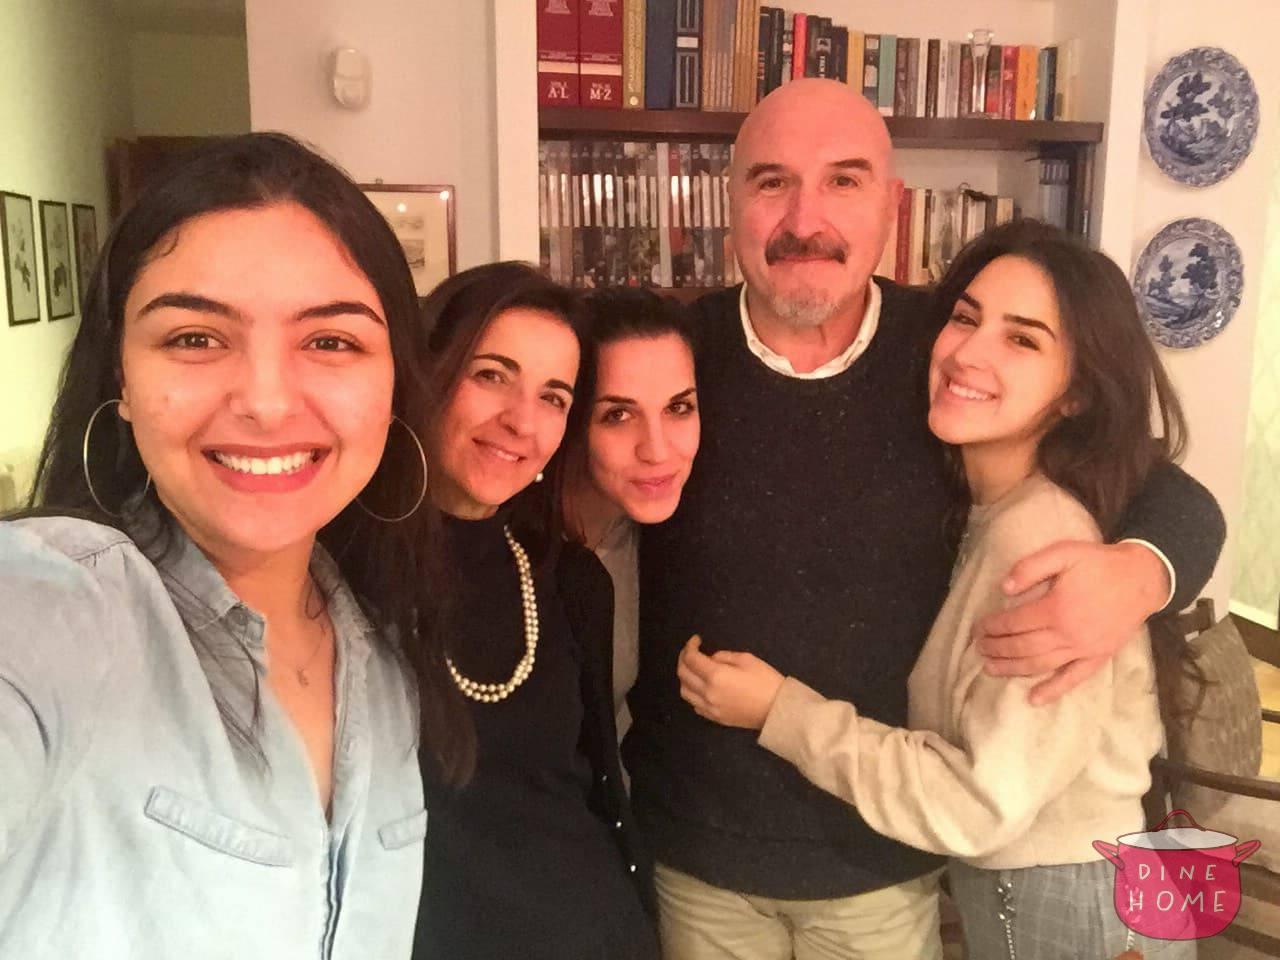 Leila, studentessa dal Marocco, a cena dalla sua famiglia Dinehome.